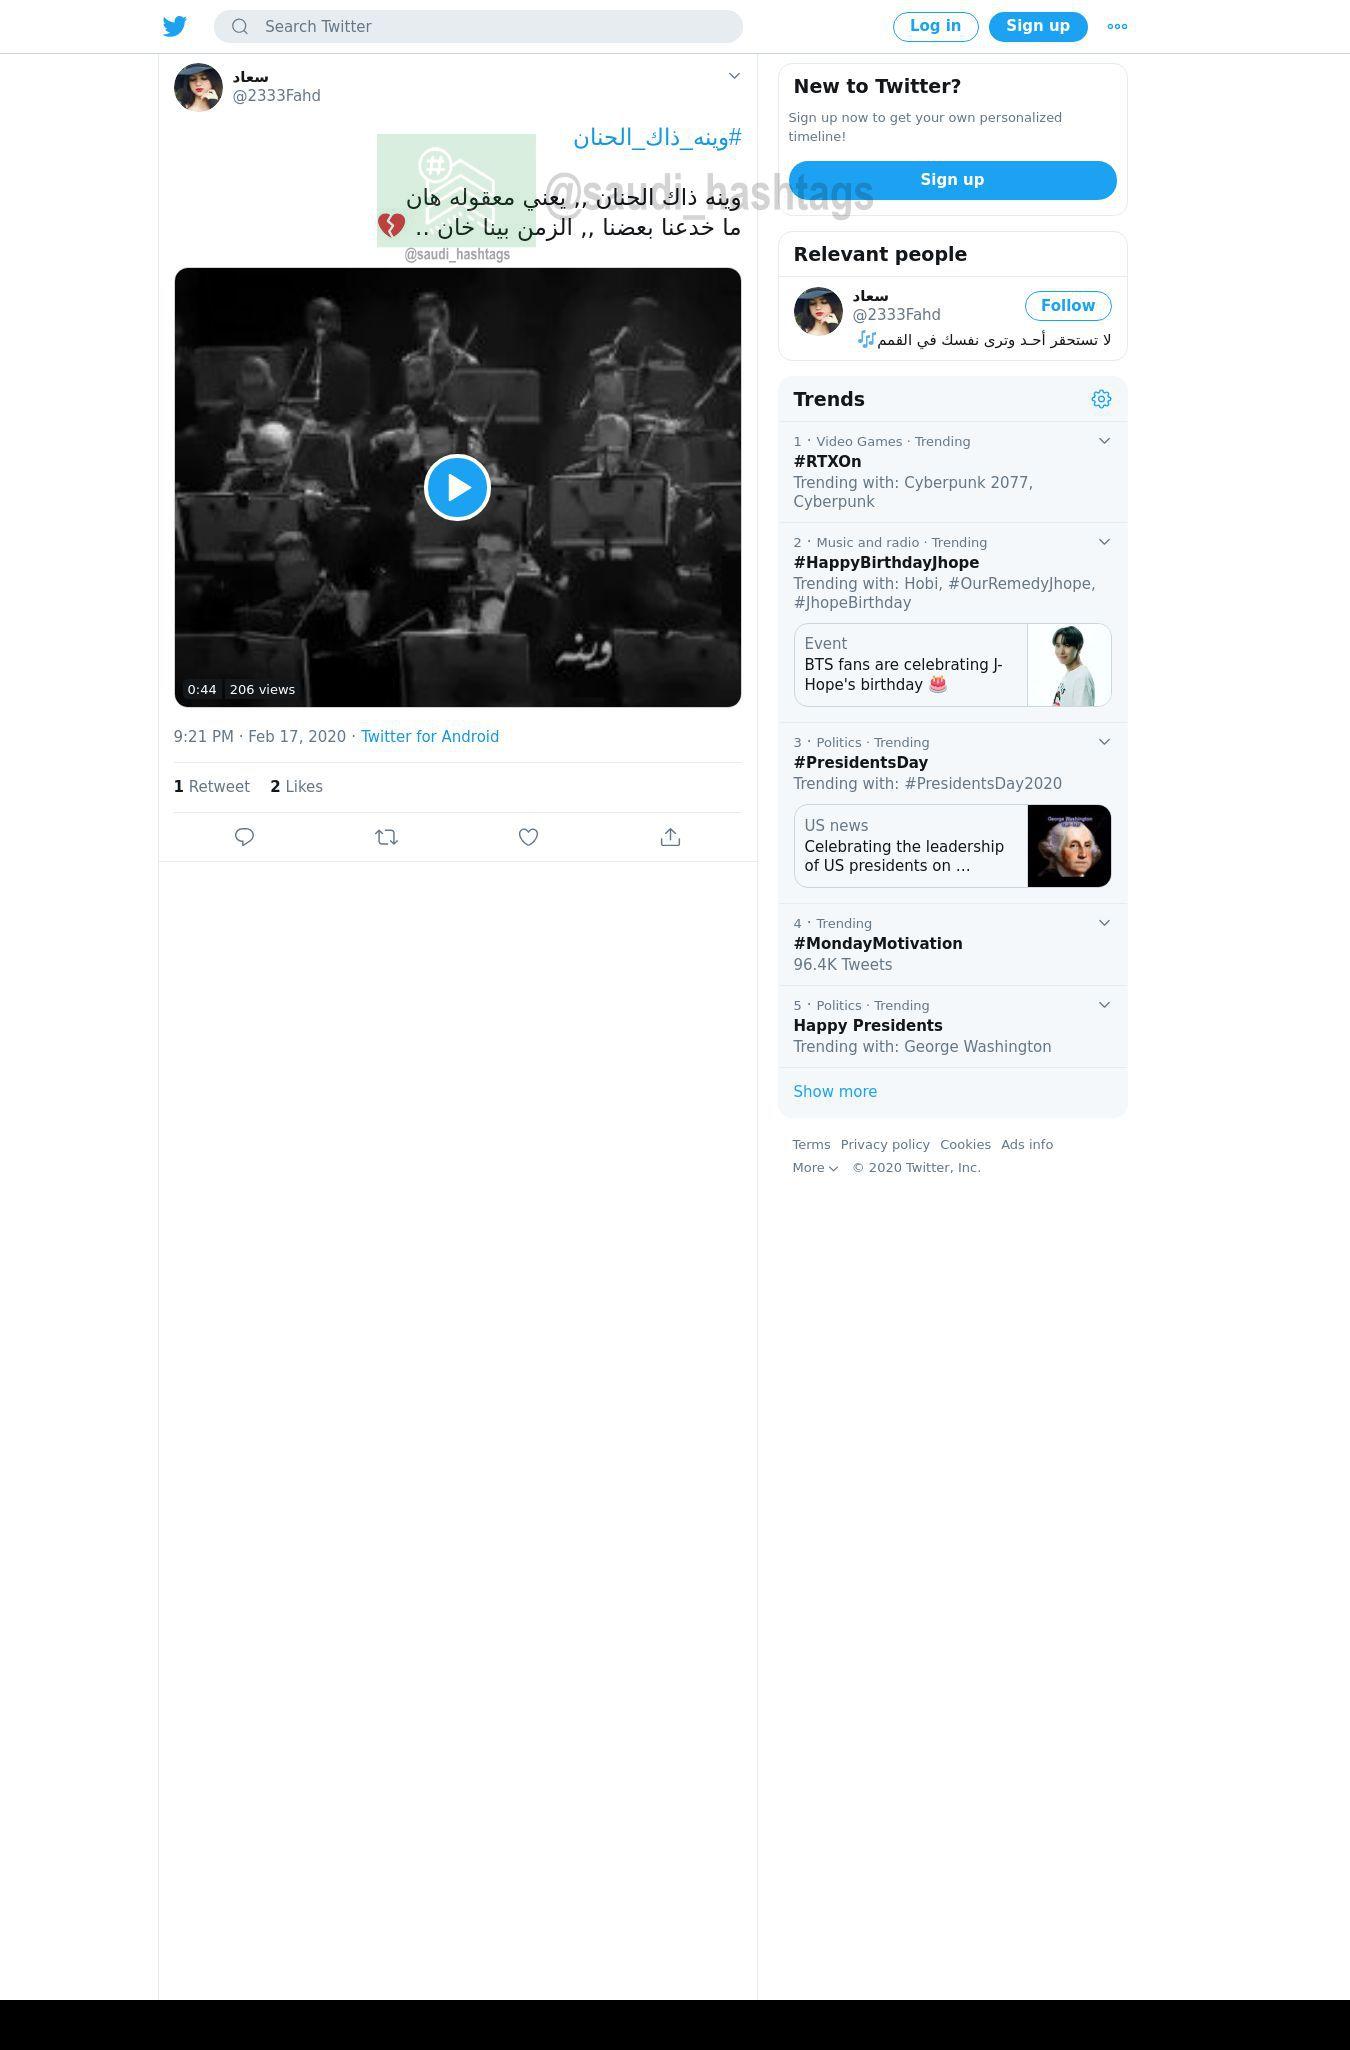 لقطة لاول تغريدة في هاشتاق #وينه_ذاك_الحنان